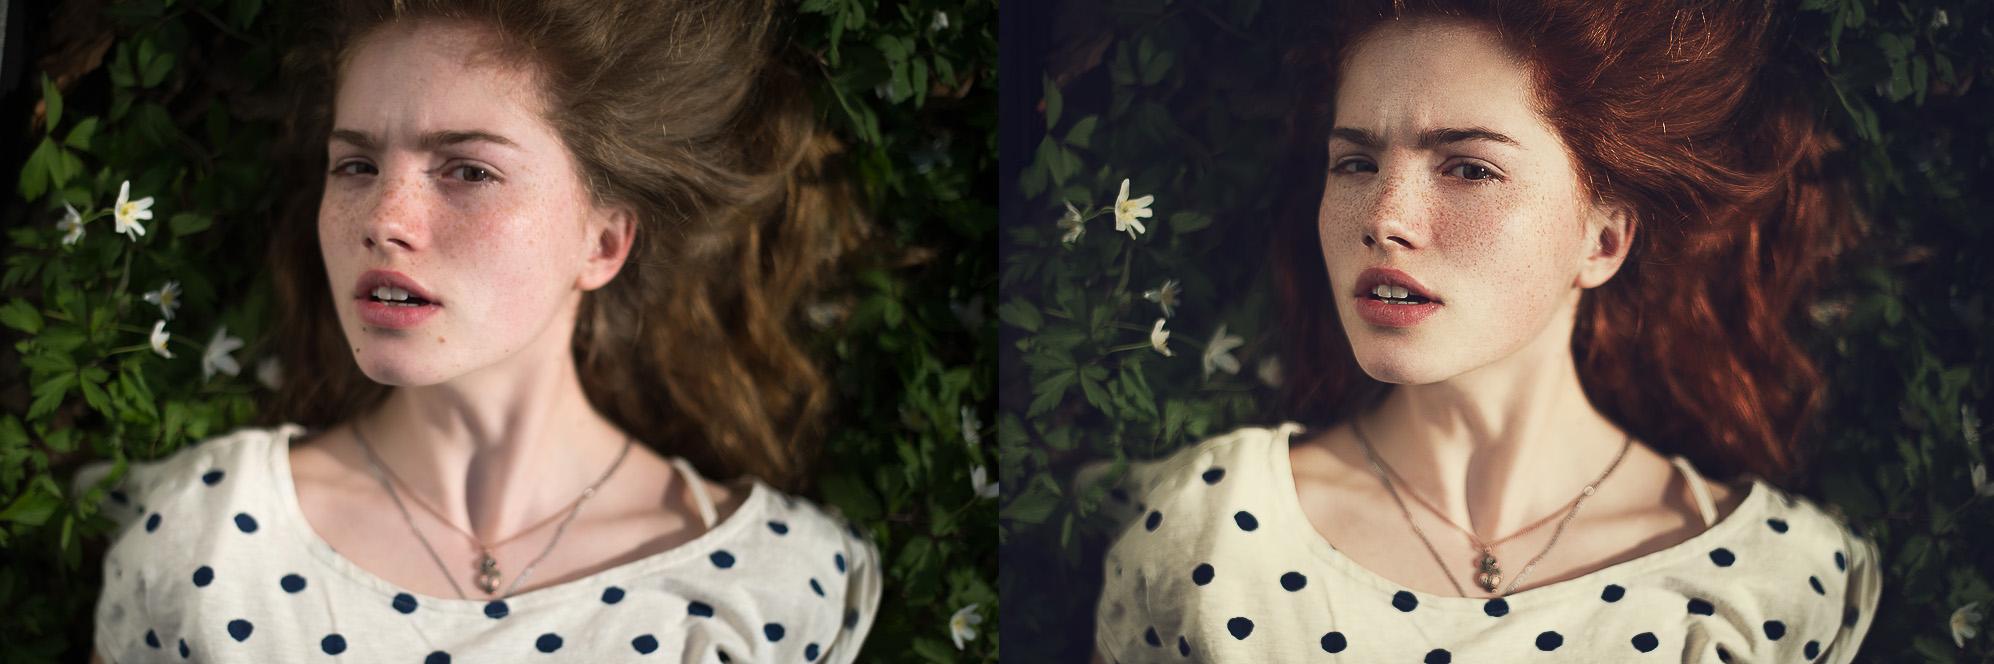 Портретная ретушь, цветокоррекция.